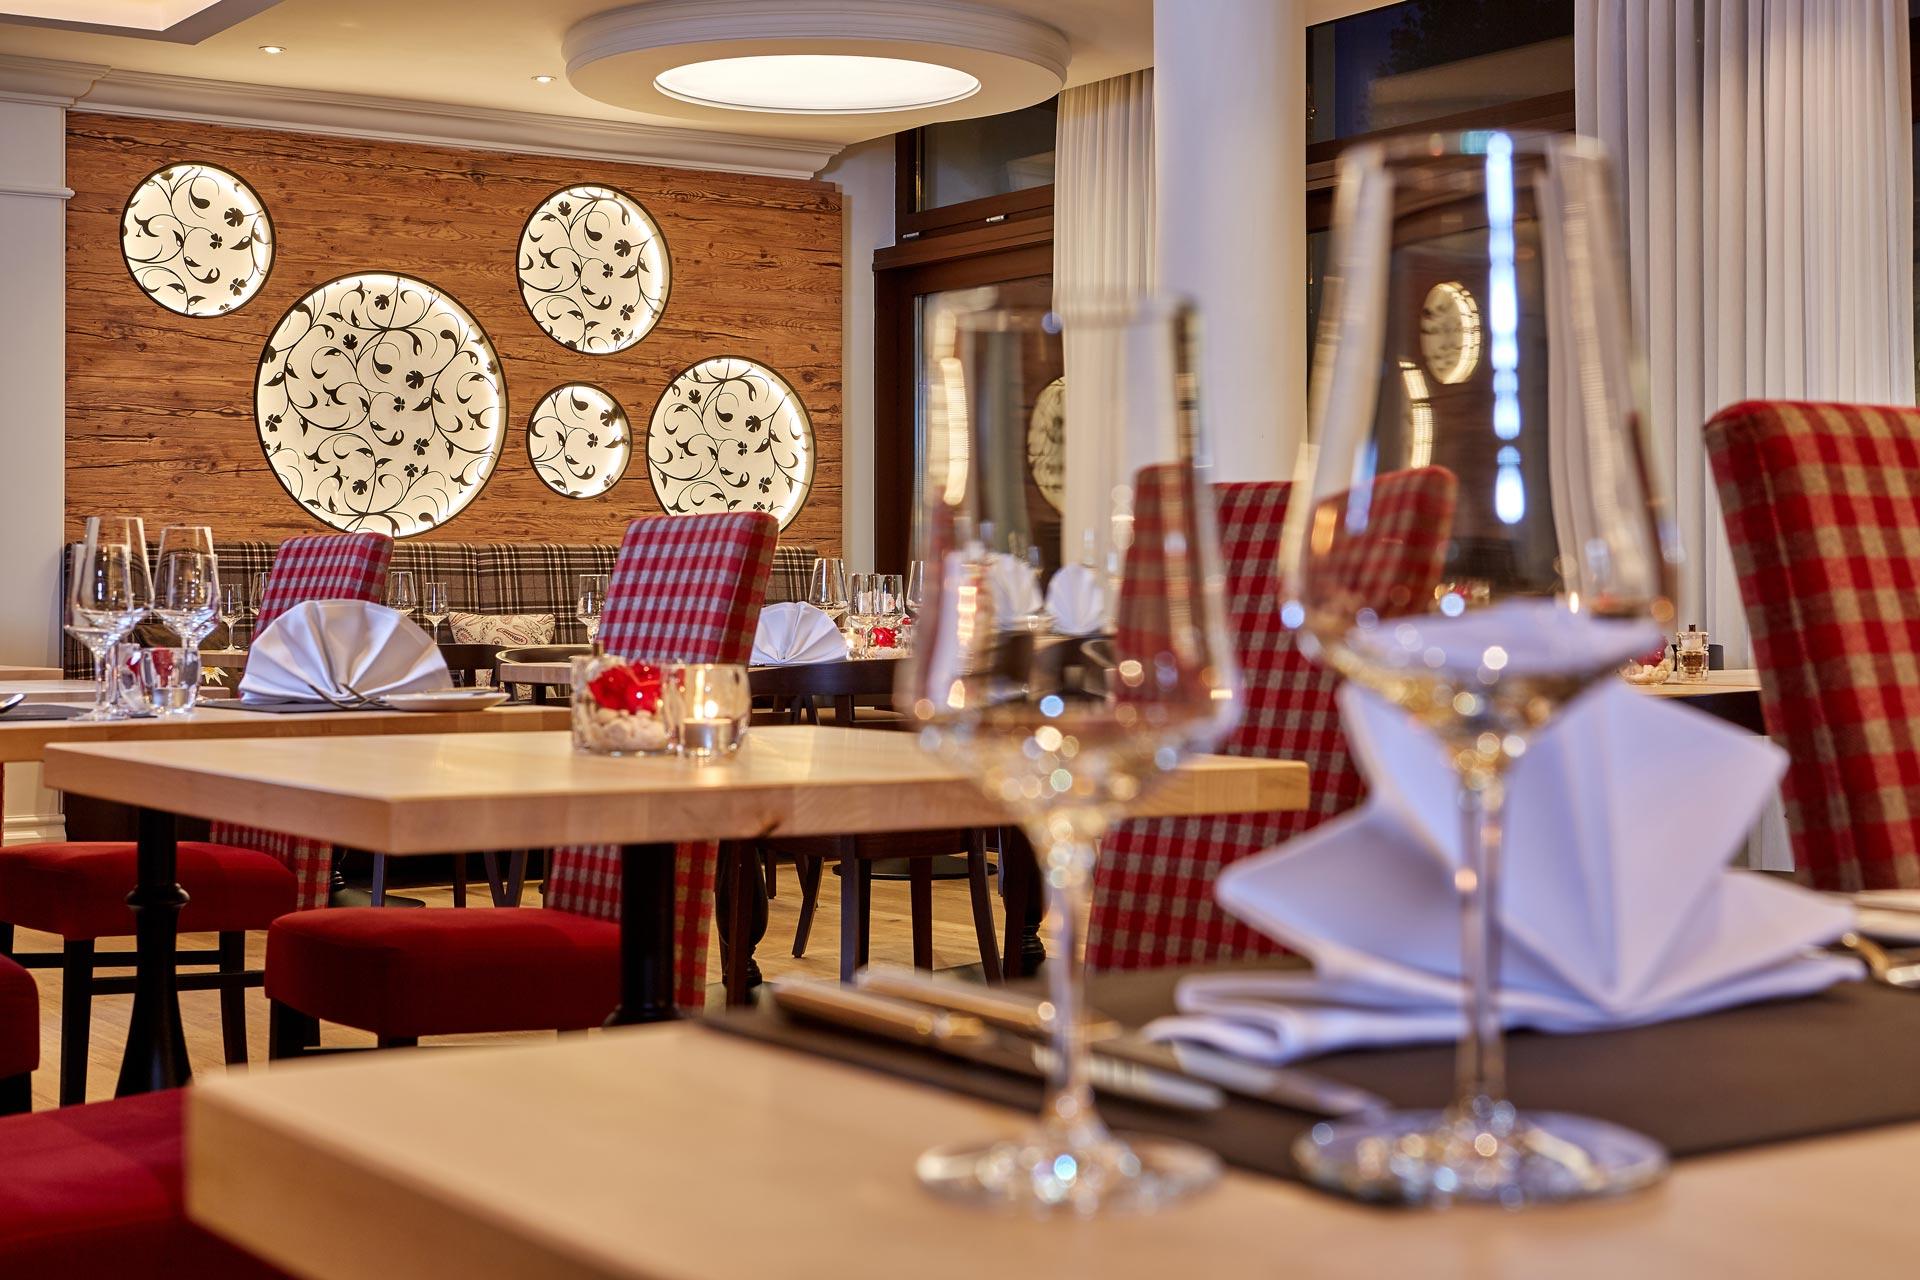 Hotel Renovierung mit urigen Altholz-Optik 3-Schichtplatten